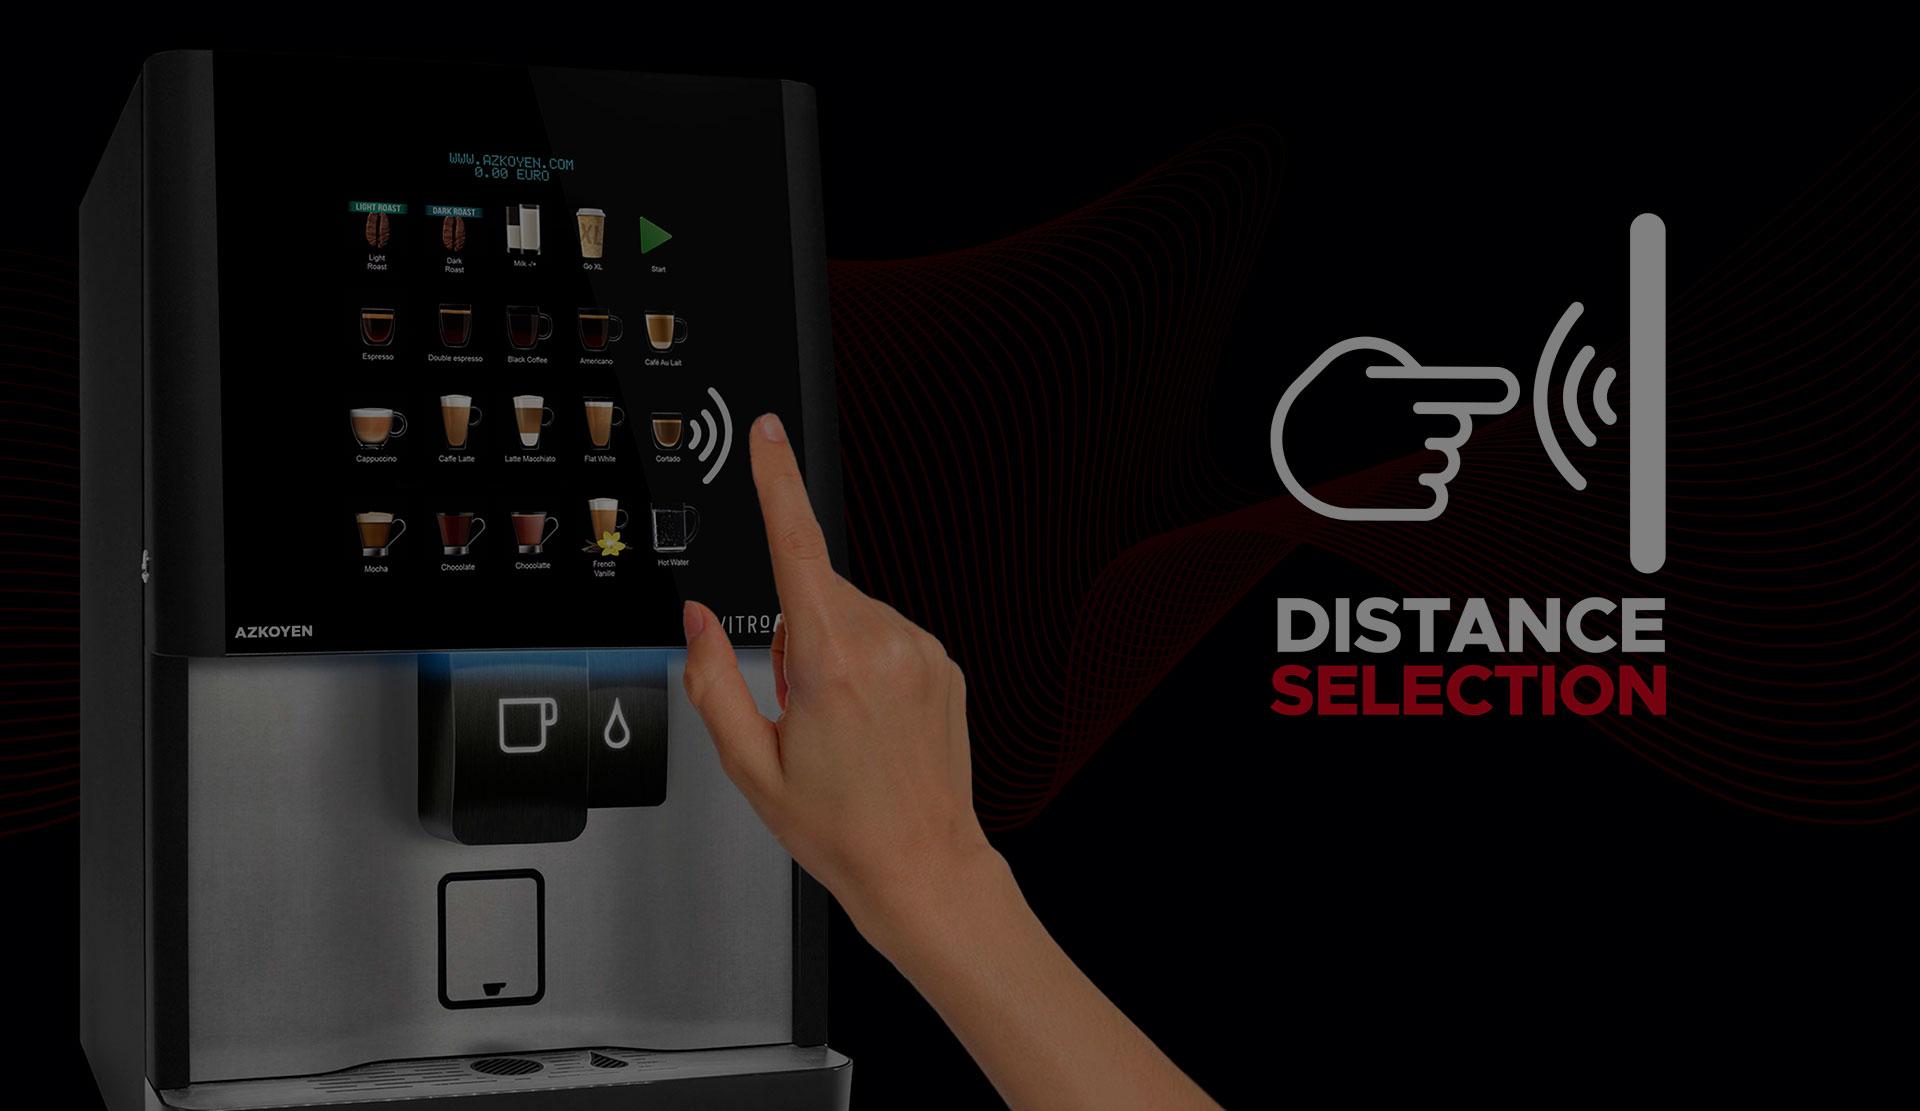 Azkoyen patenta la tecnología Distance Selection que permite la selección de productos en máquinas automáticas sin necesidad de tocar superficies